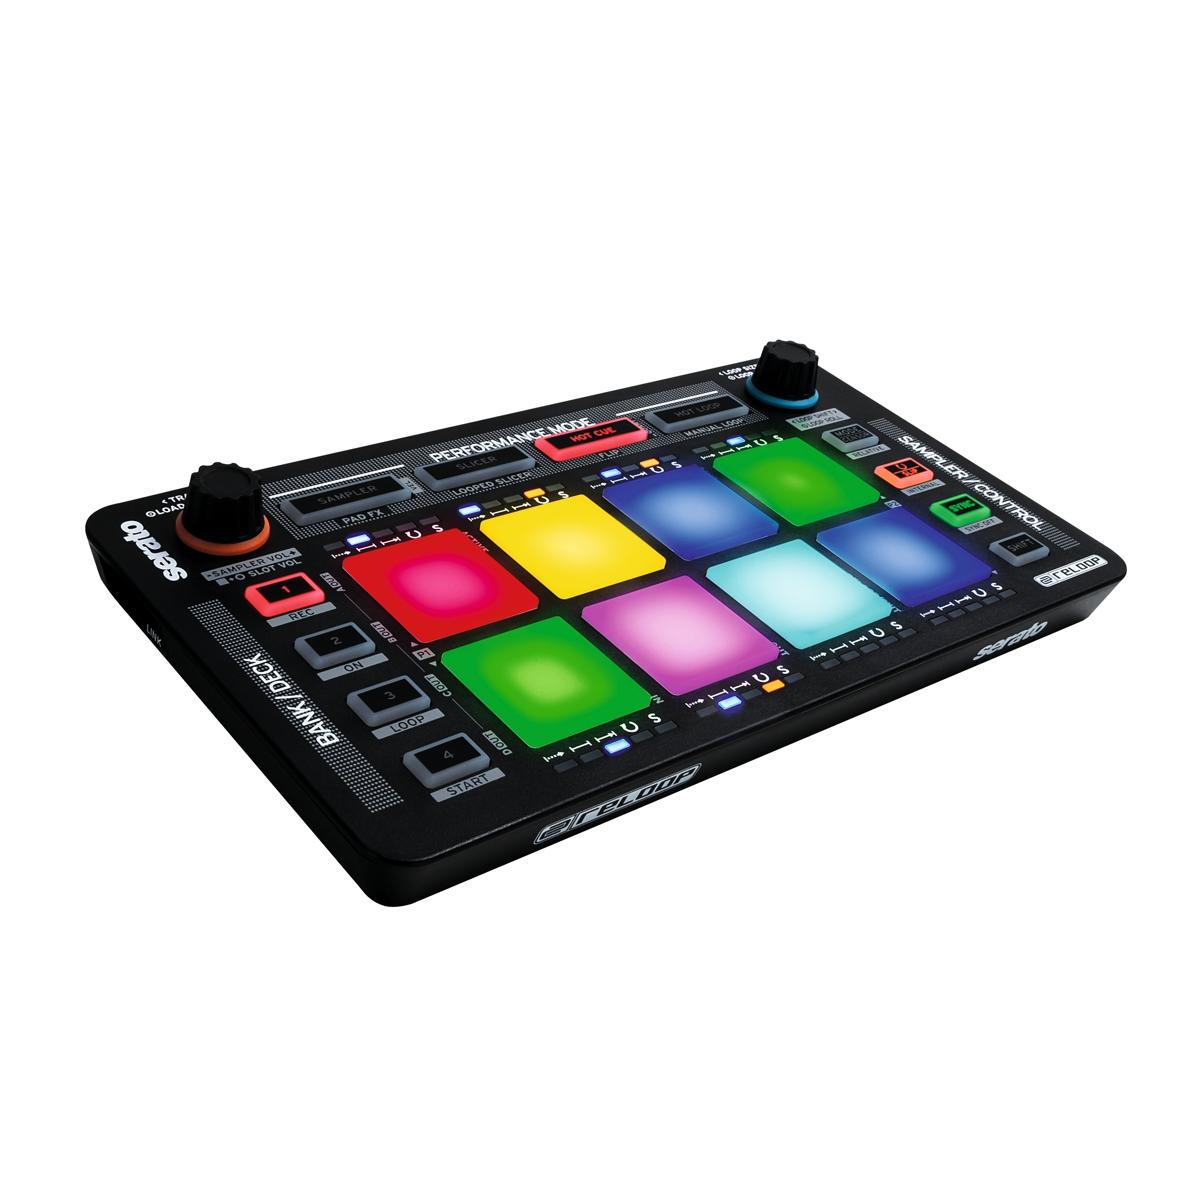 Neu: Reloop Neon Controller & Modular Stand für Serato DJ